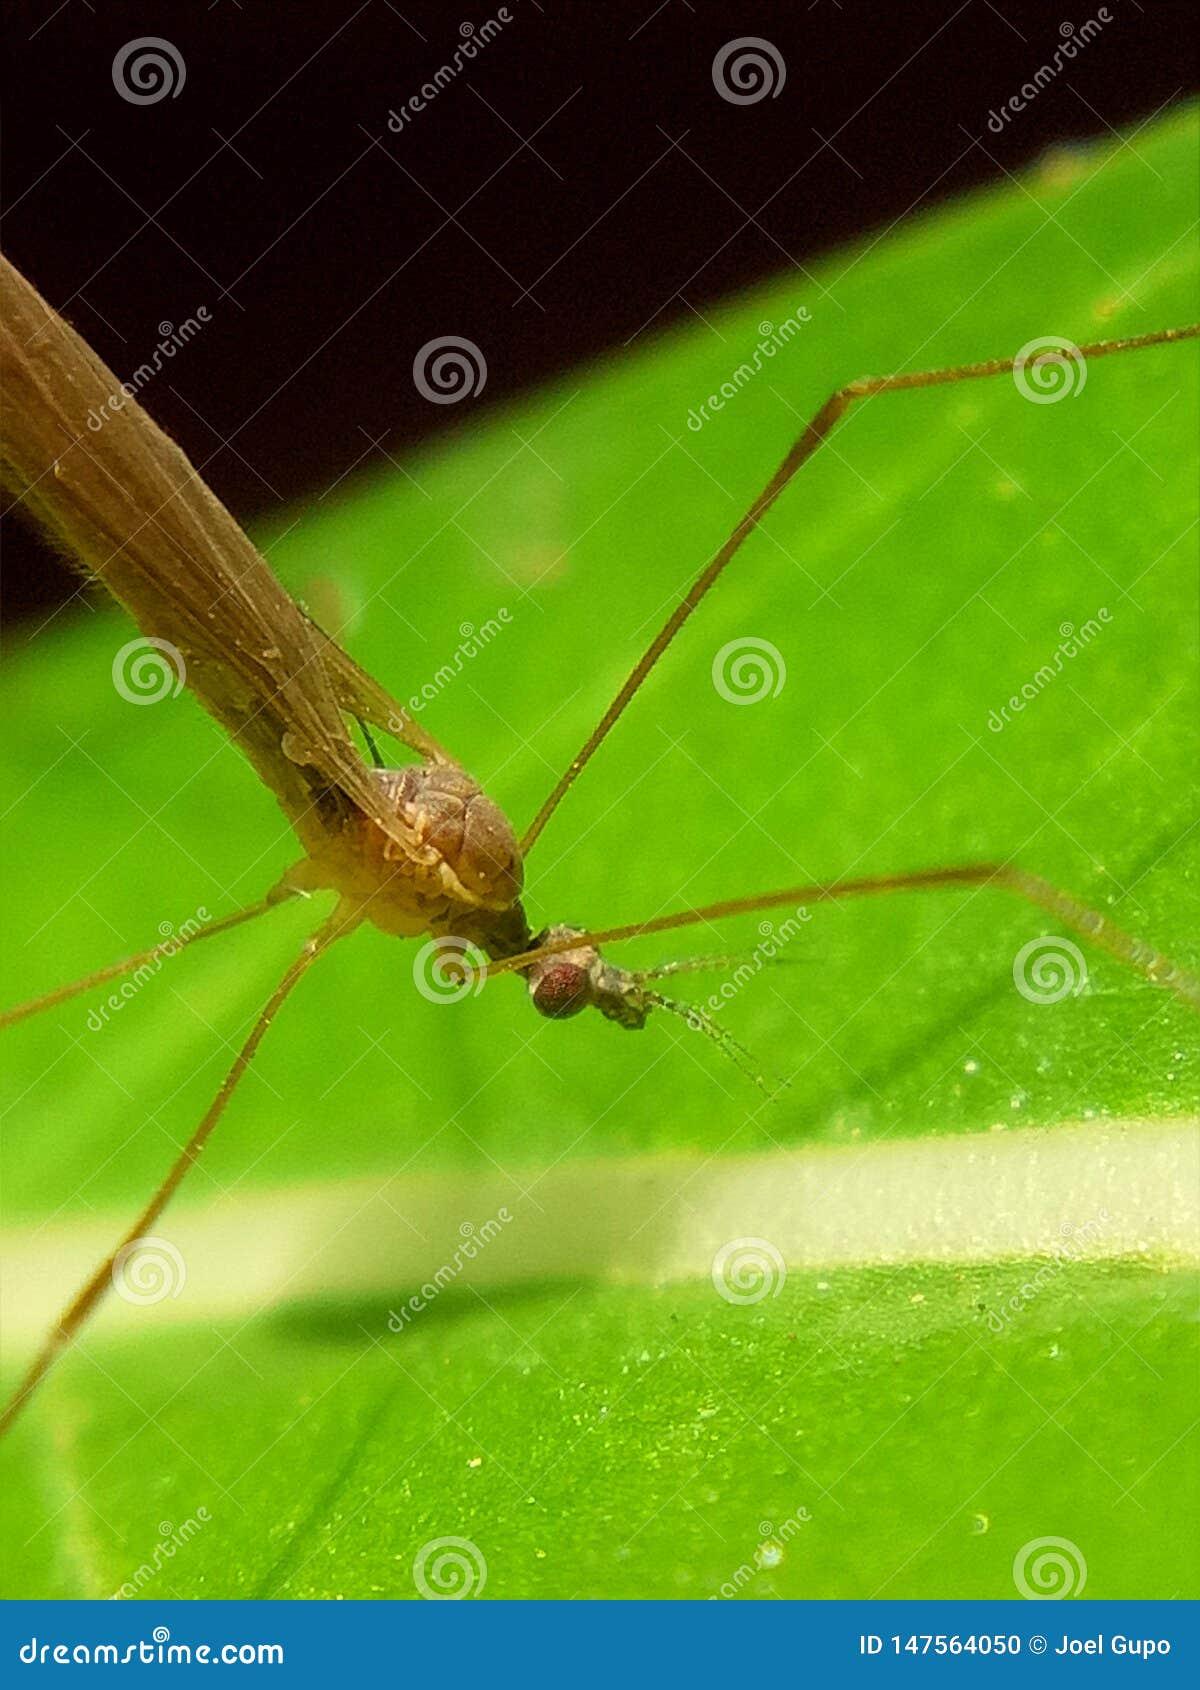 Closer look on a long legged bug